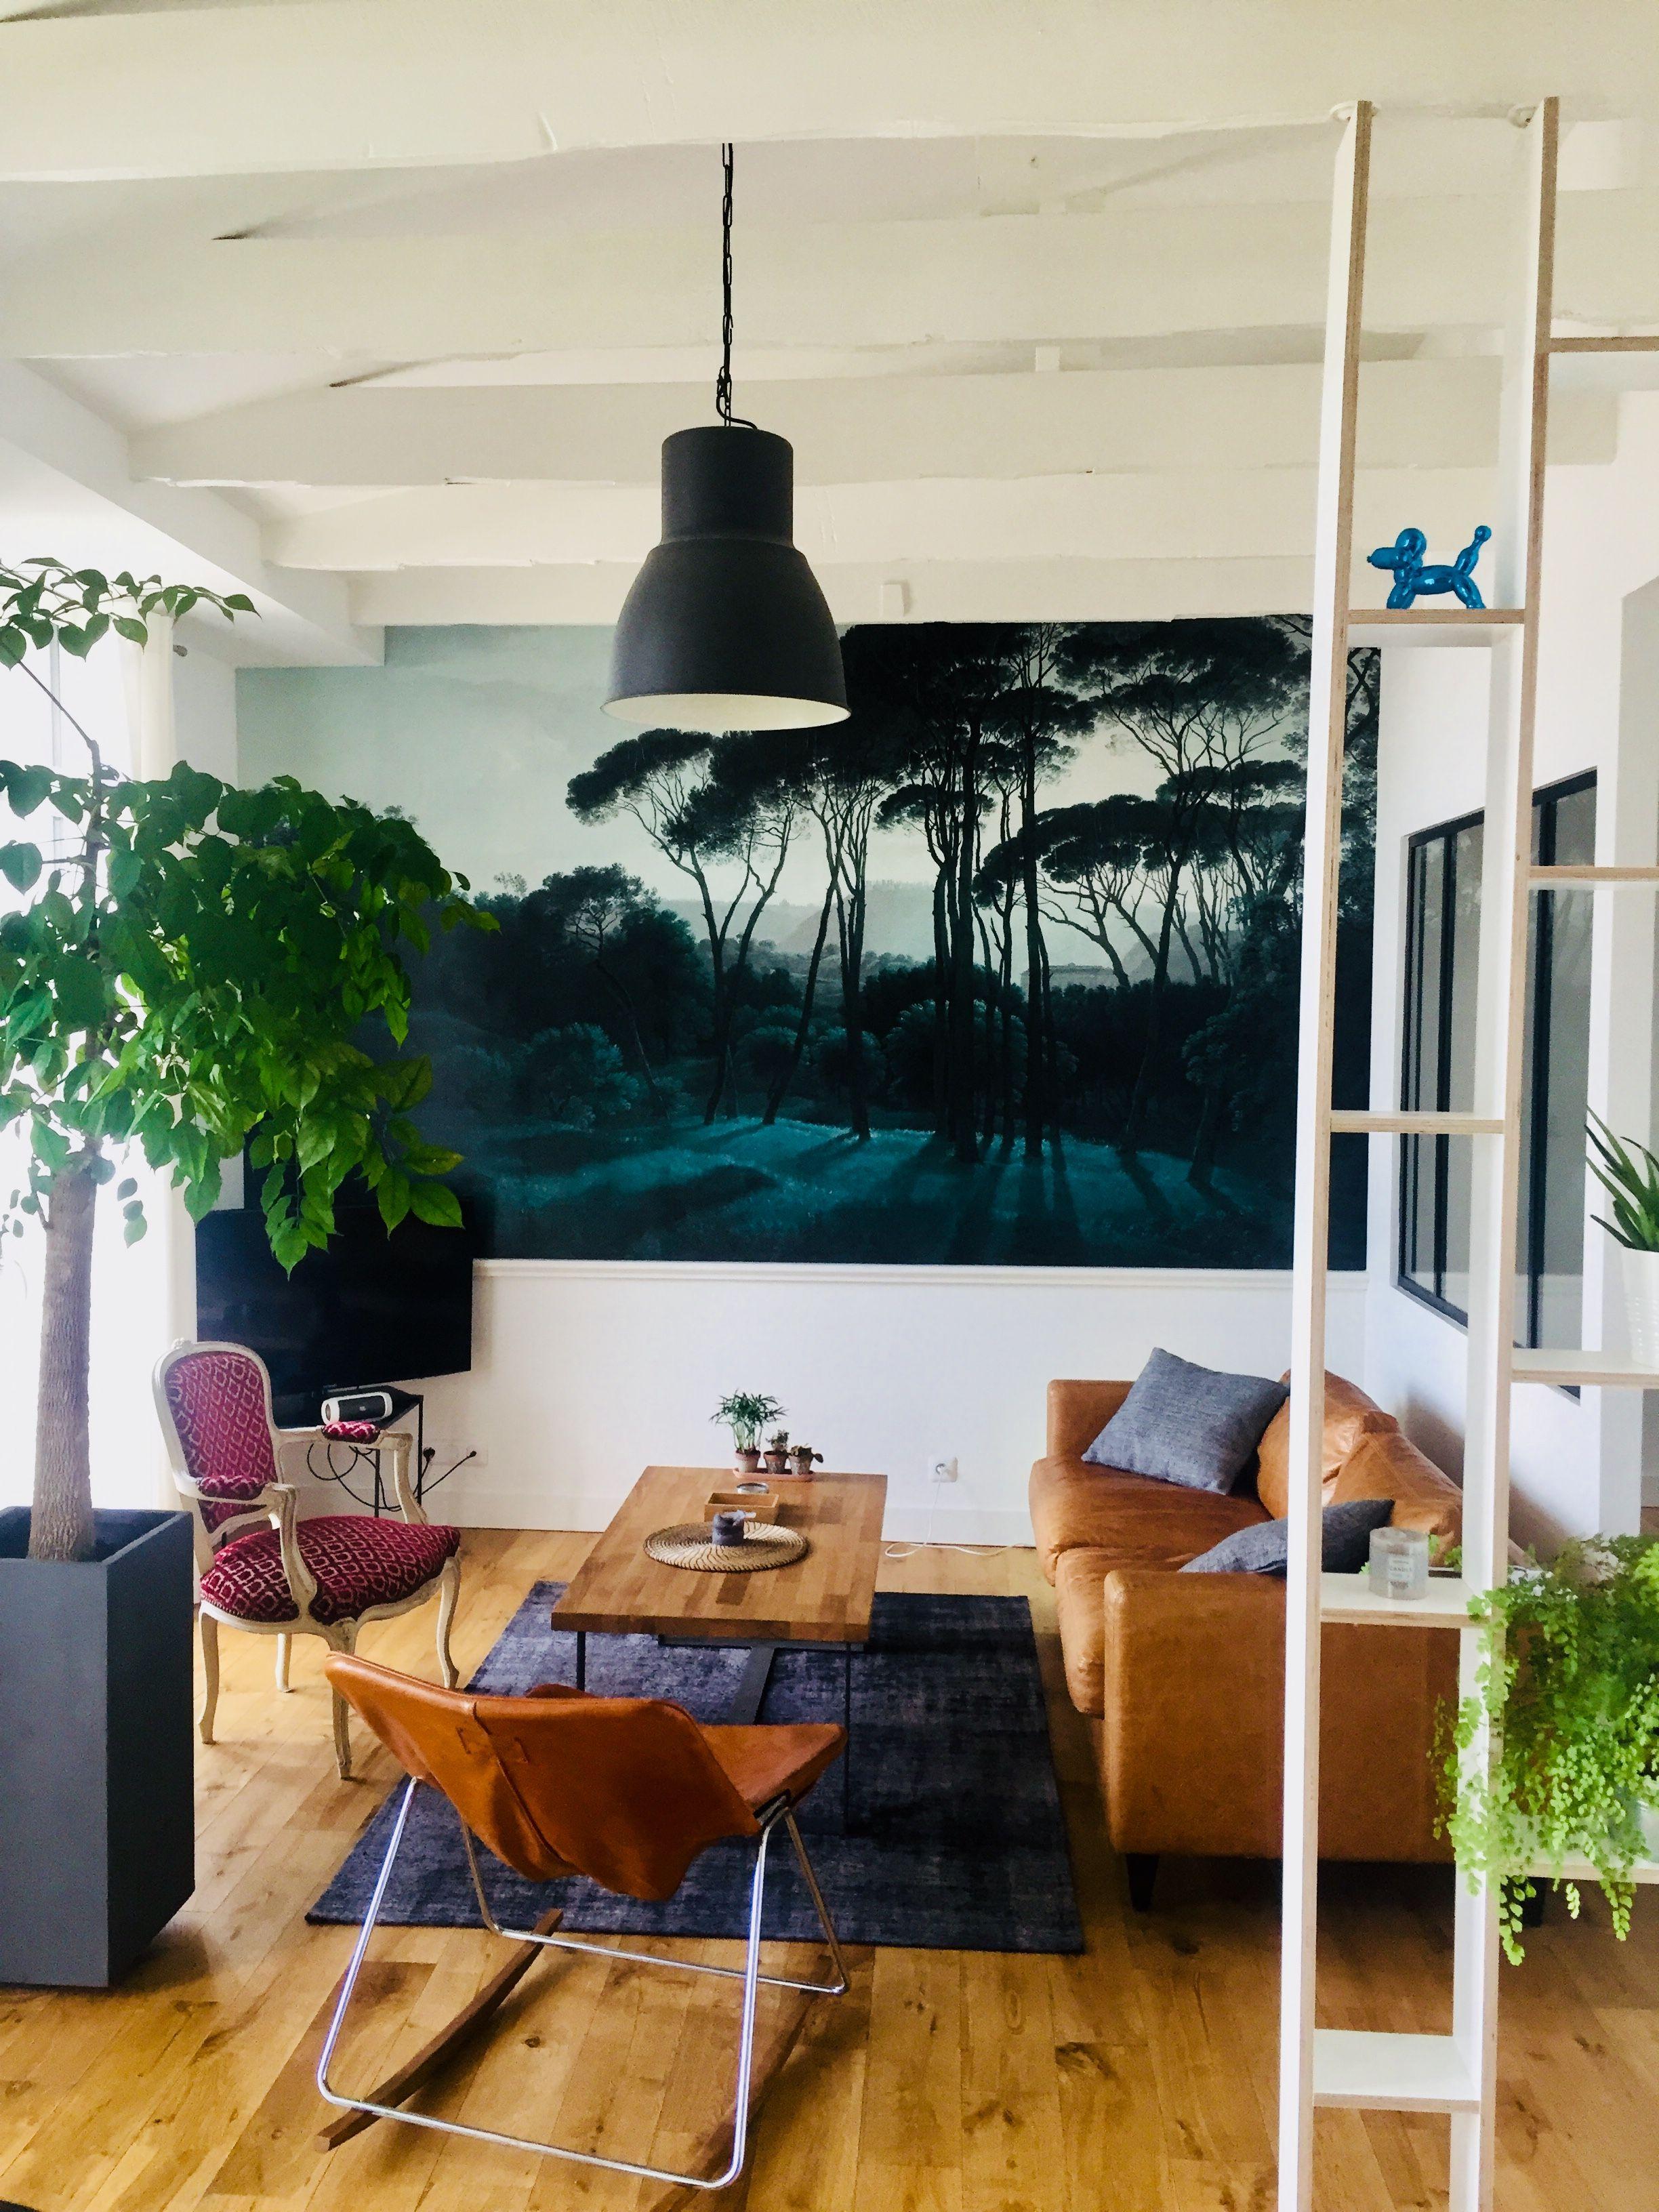 Le Decor Panoramique Pine Trees D Au Fil Des Couleurs Dans Un Salon Decor Mural Sur Mesure Disponible En Bout Deco Murale Salon Papier Peint Vert Papier Peint